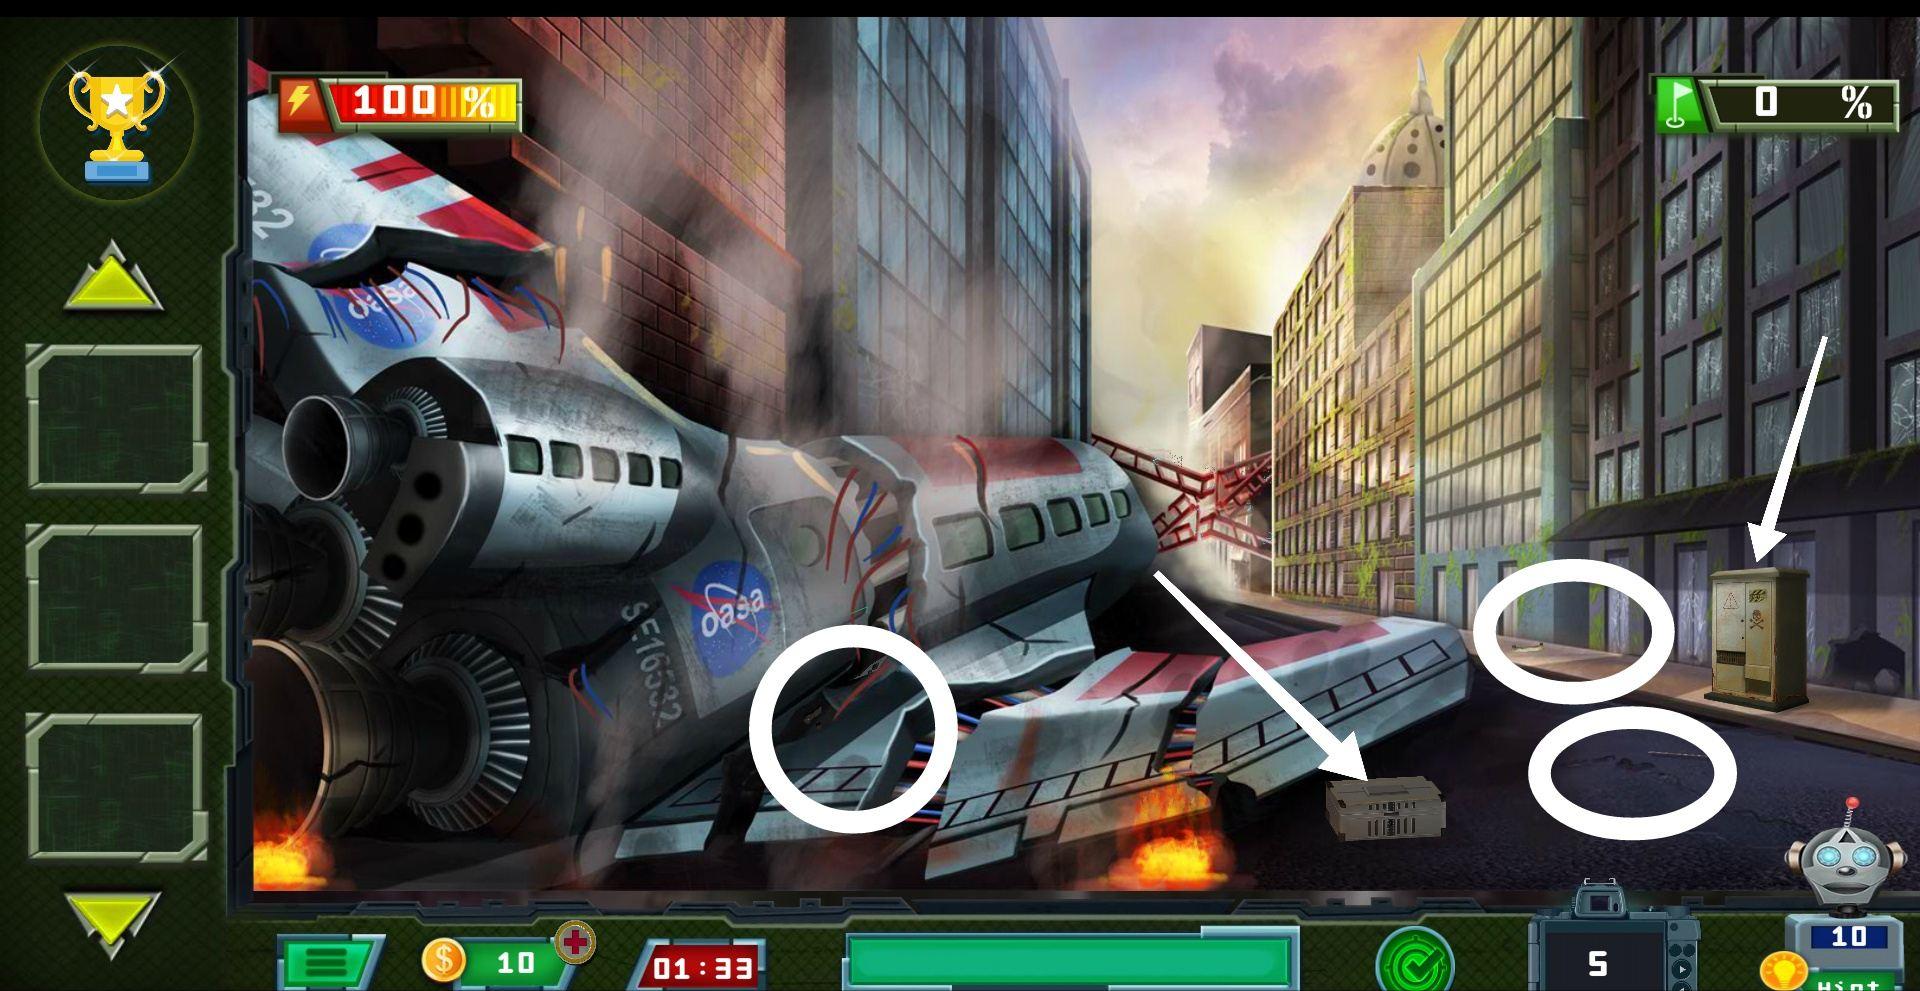 Survival 2-Pandemic Warrior(Скрытая тайна - Пандемический воин)